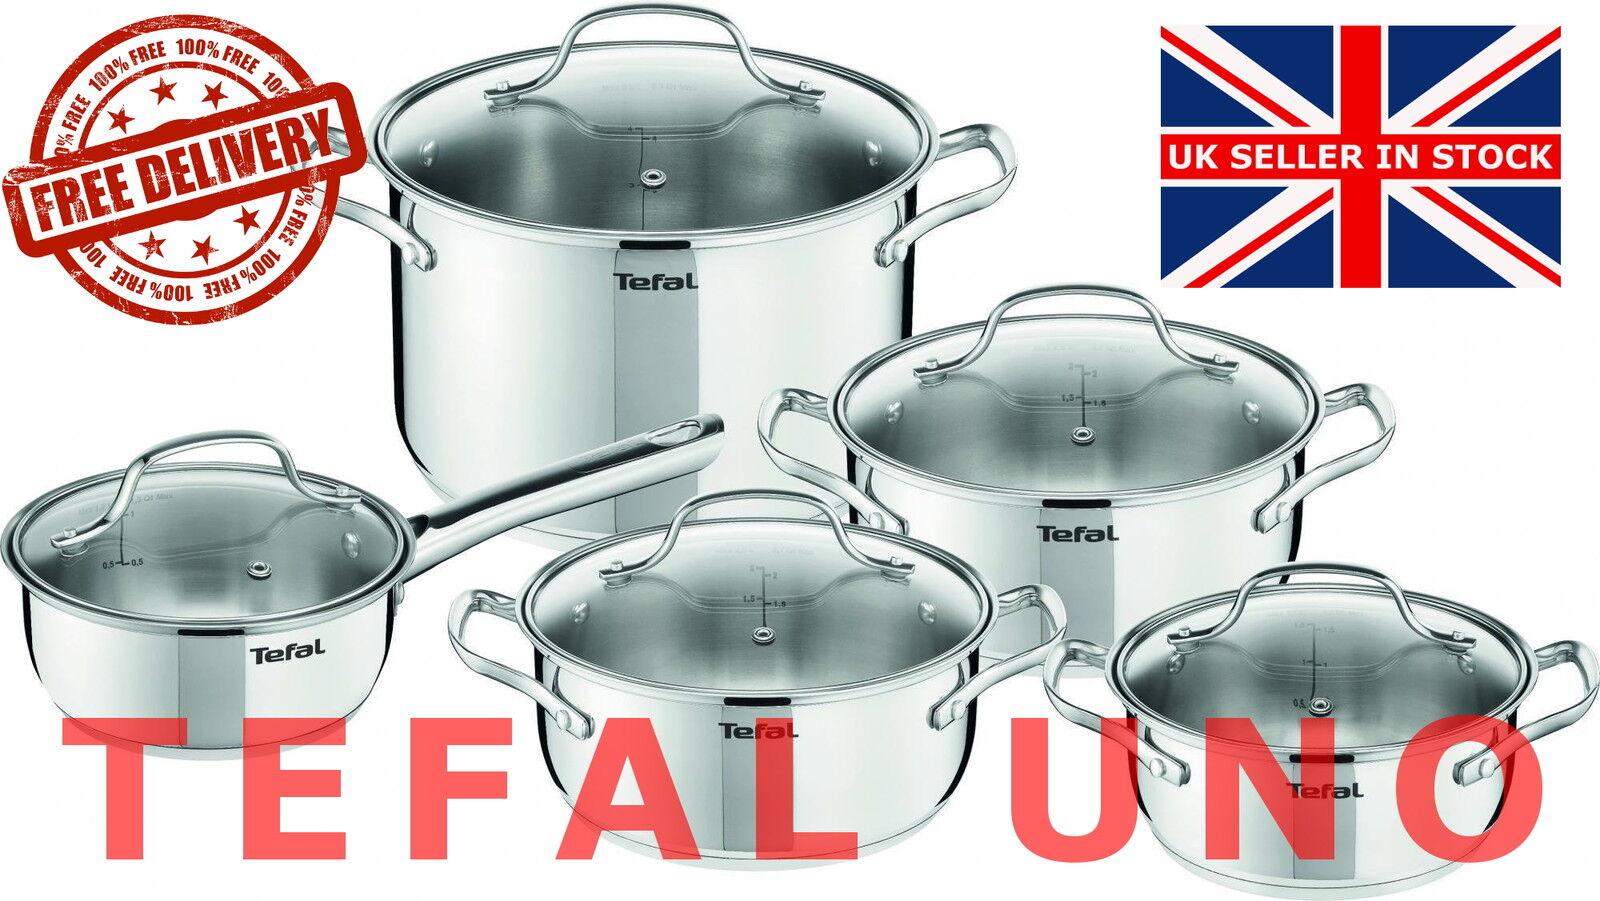 TEFAL uno cuisine en acier inoxydable Set 10 pcs Couvercle en verre pots de cuisine induction